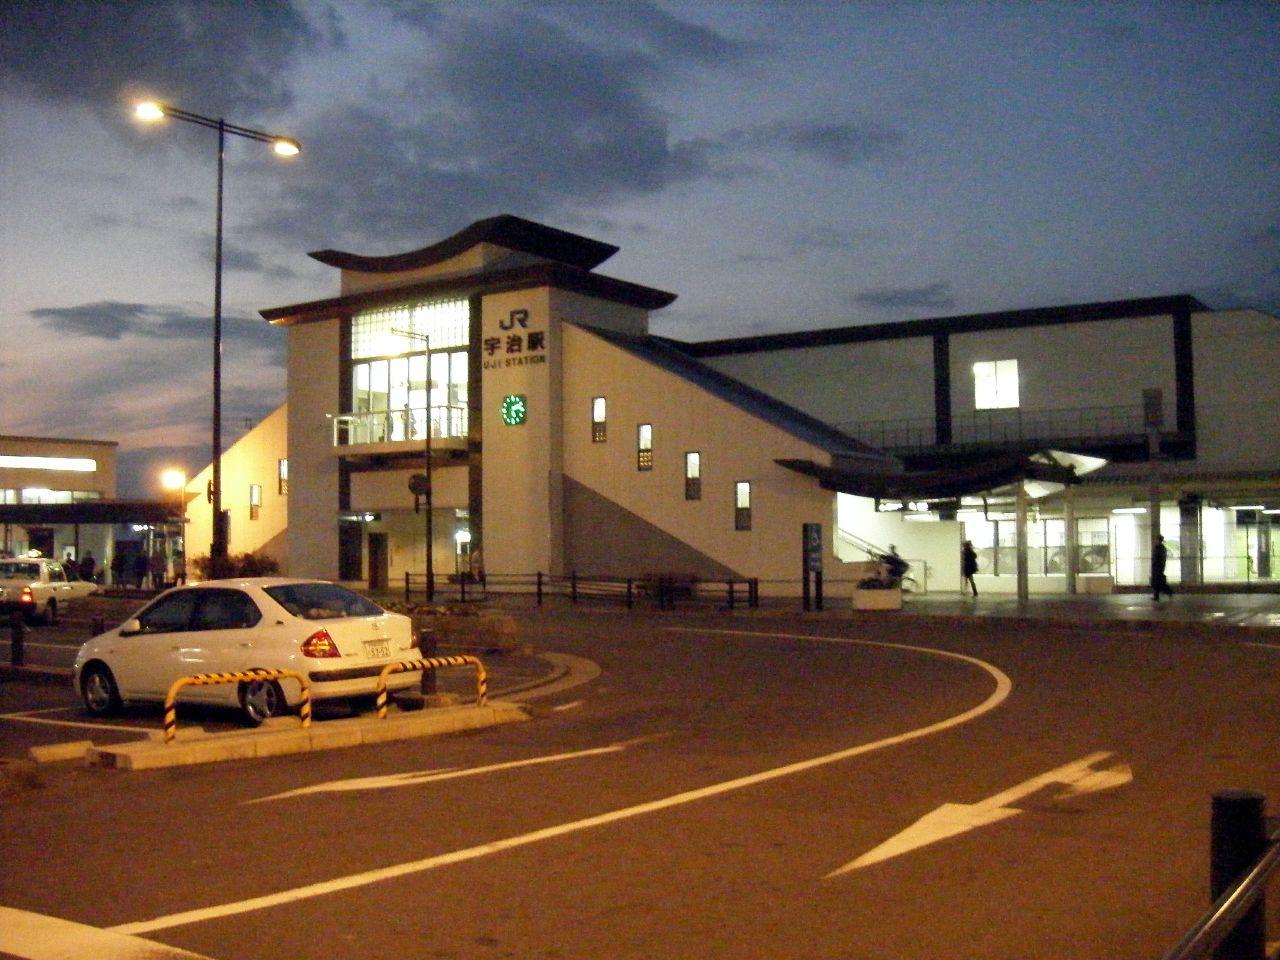 JR 宇治站